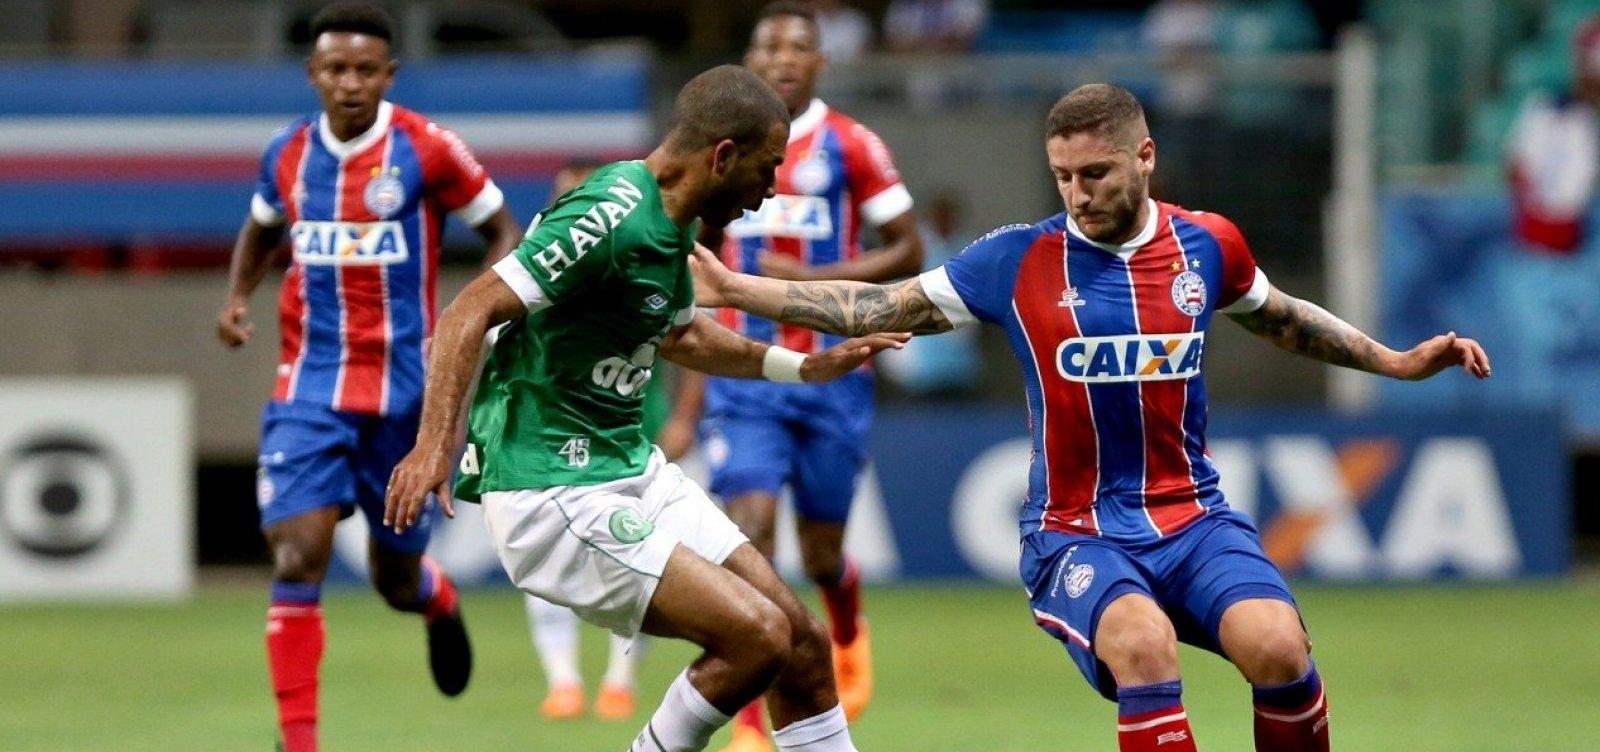 Bahia vence a Chapecoense por 1 a 0 e abre distância da zona de rebaixamento